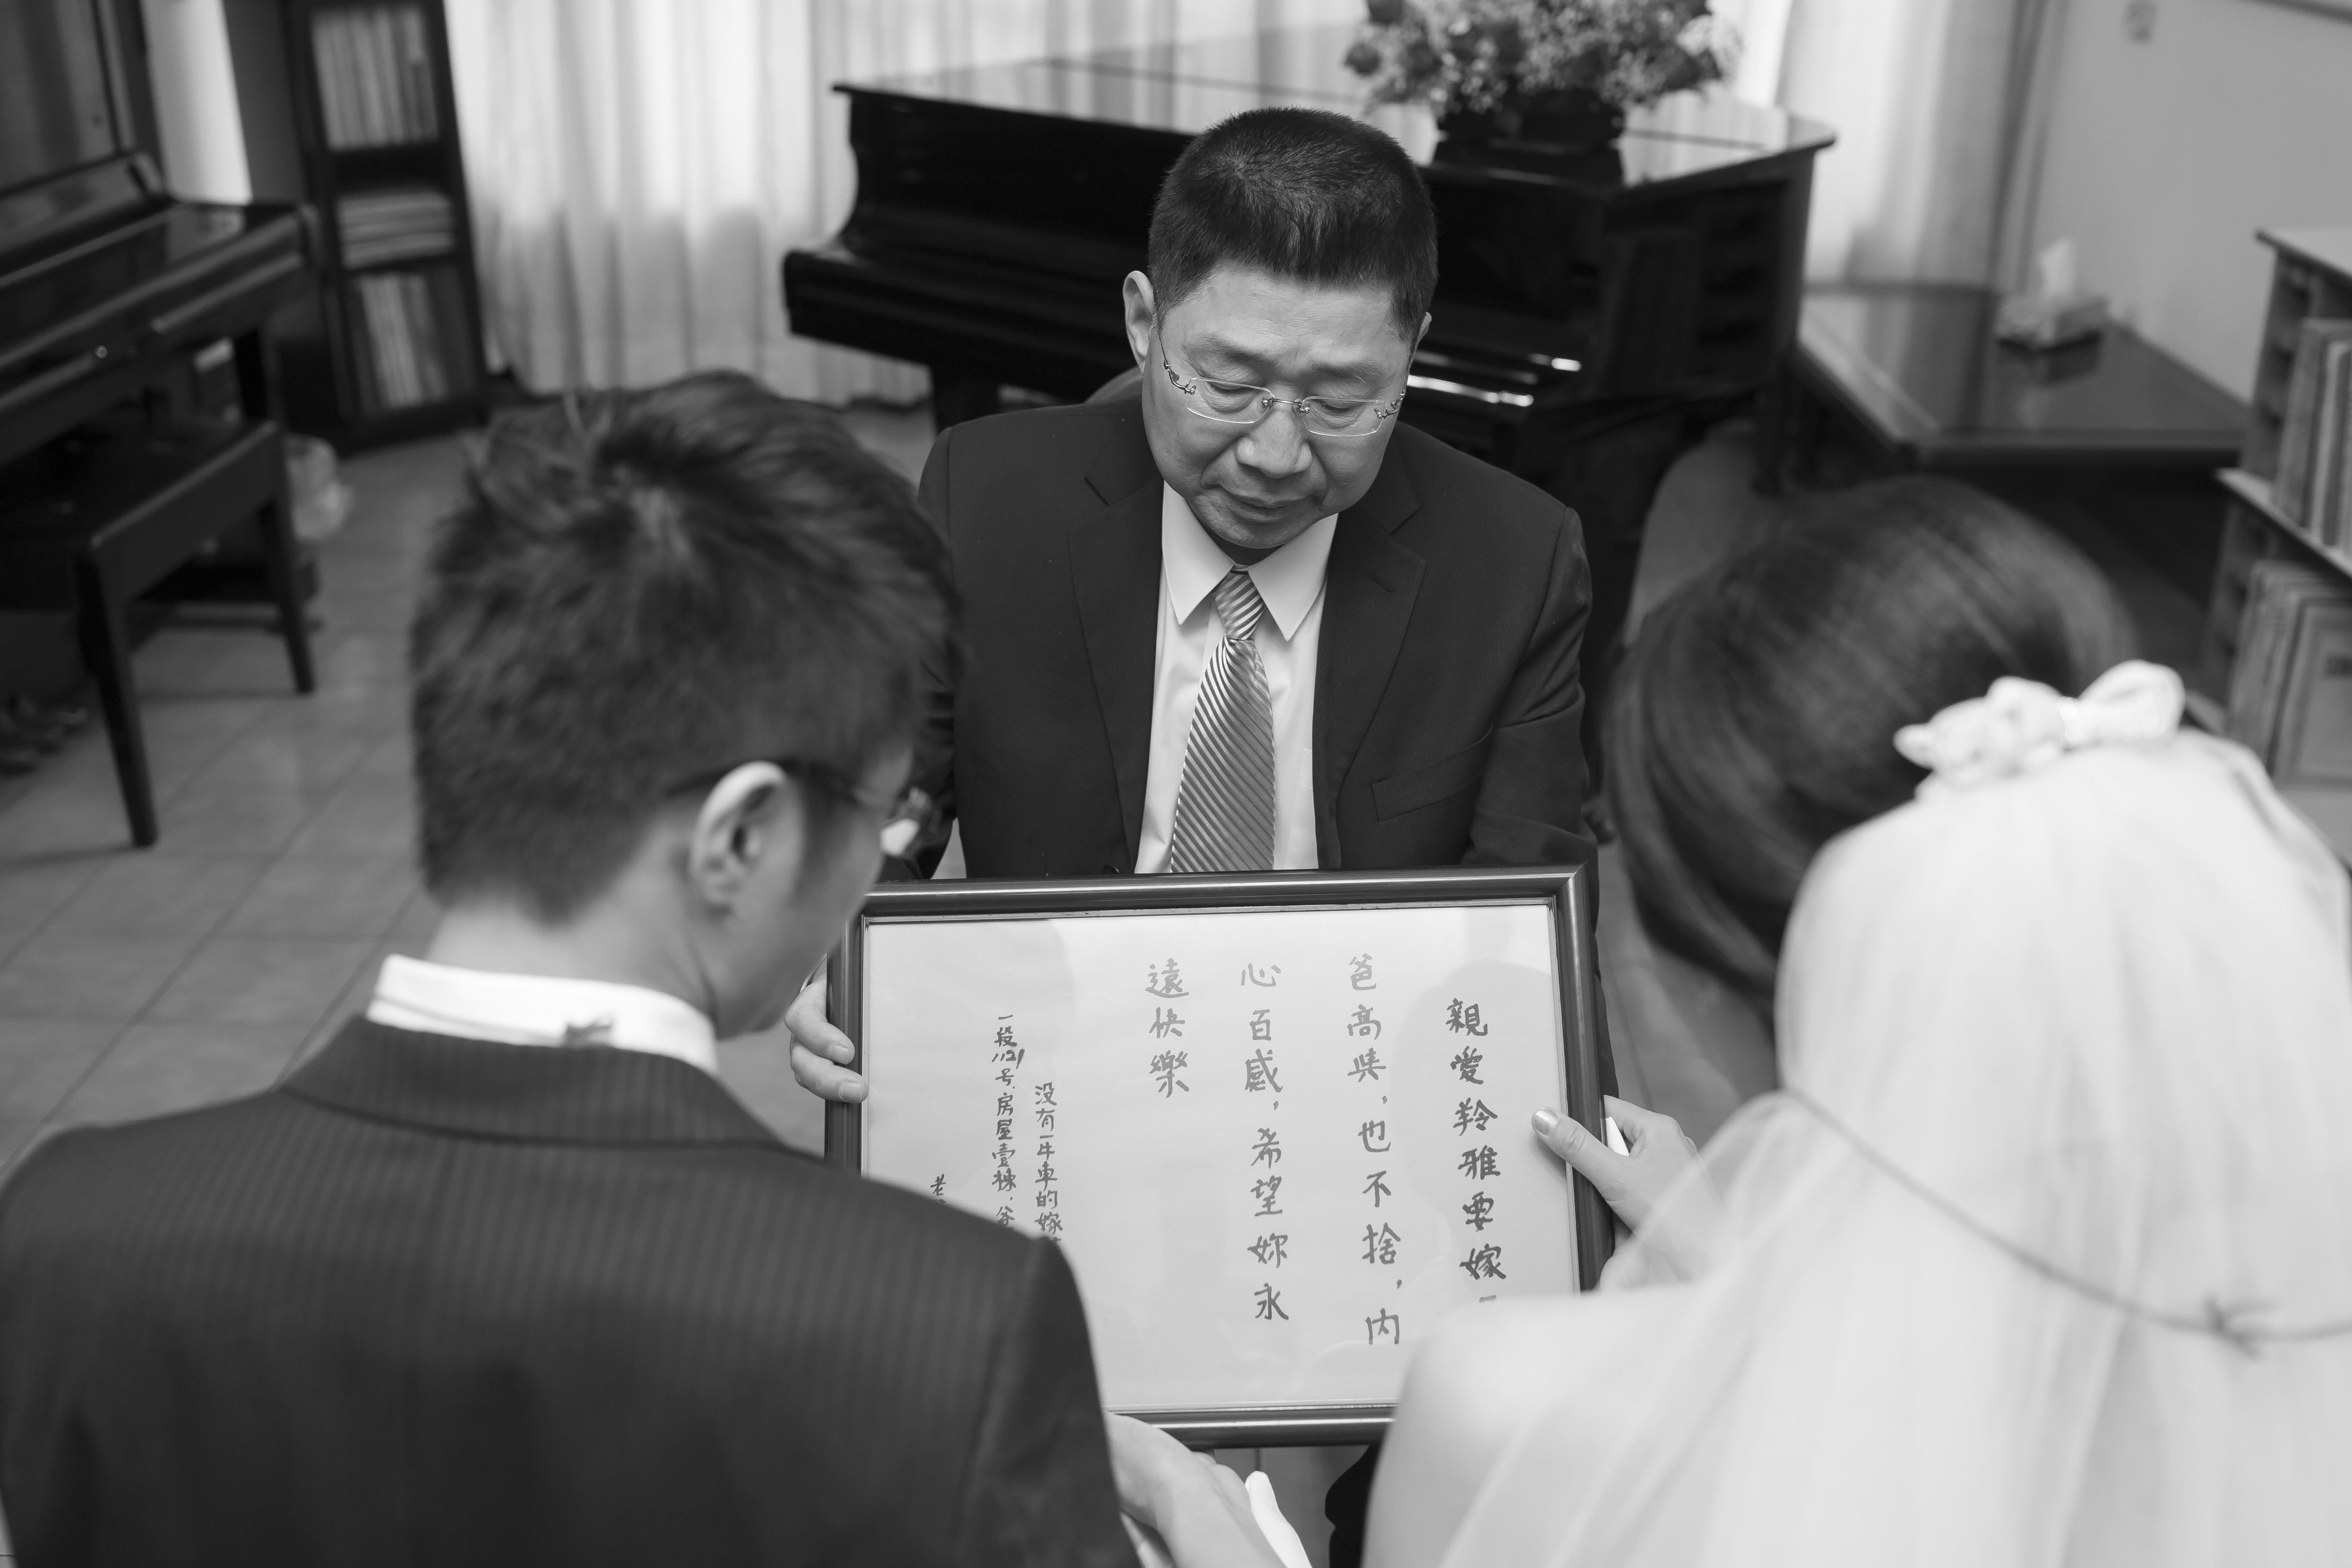 婚禮攝影台中永豐棧酒店 志華+羚雅 訂婚紀錄